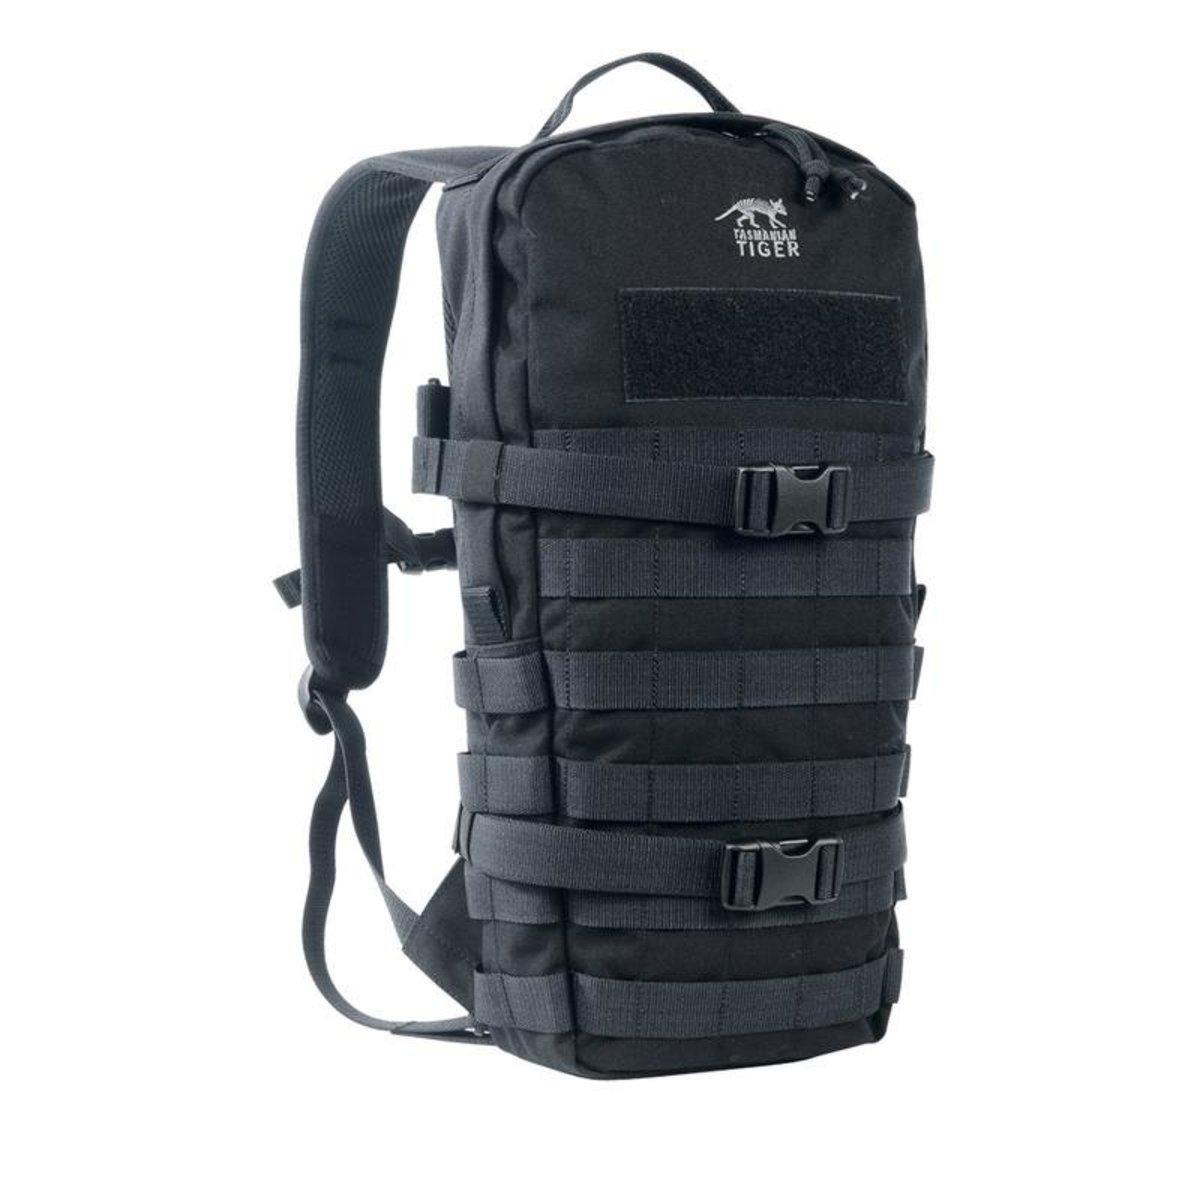 TT Essential Pack MK II Black